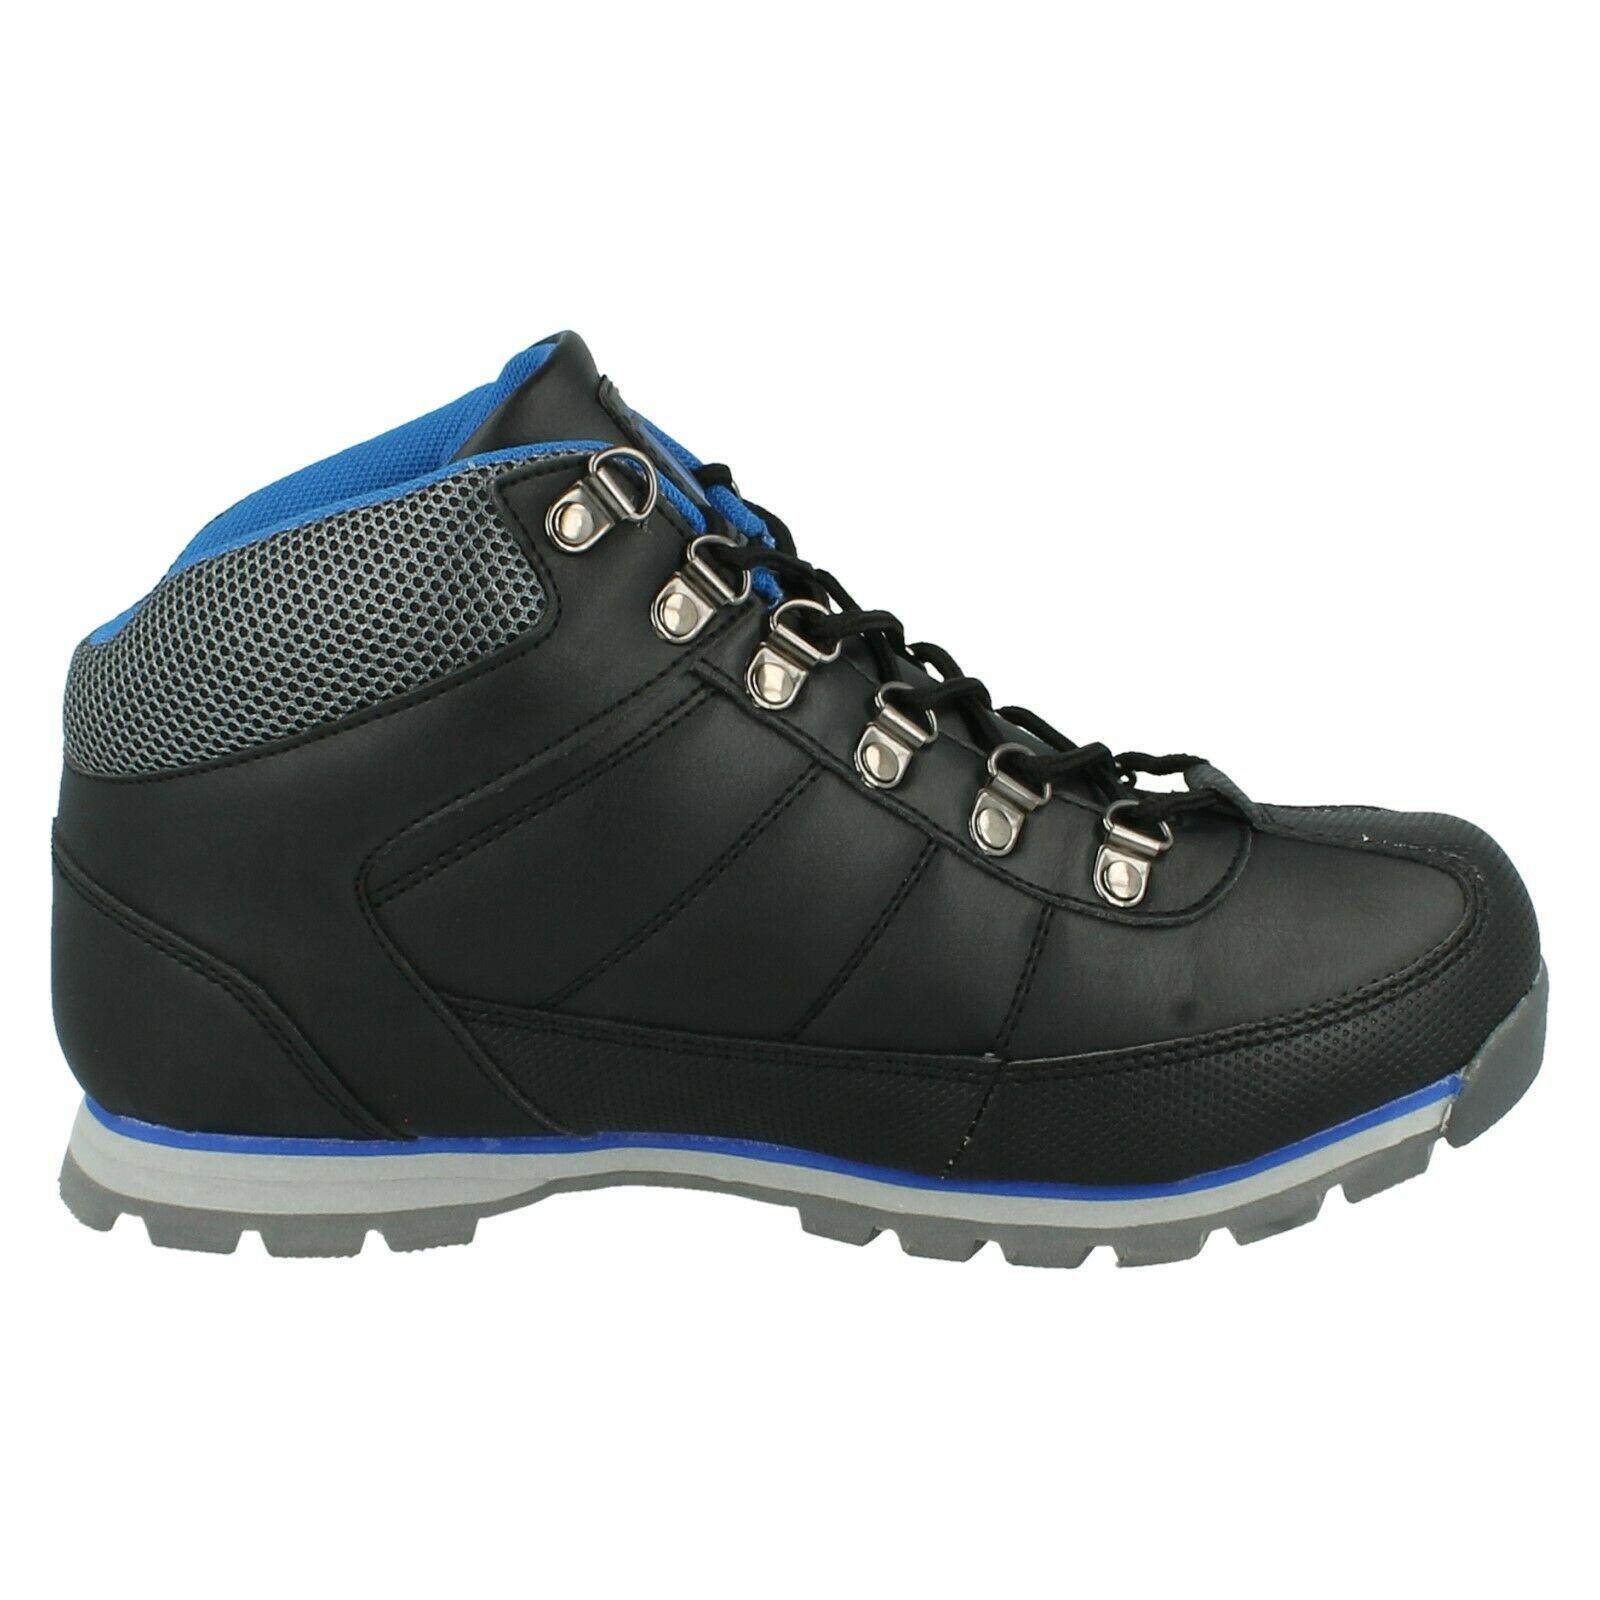 Henleys-unsunghero-Para-hombre-Botas-para-Caminar-Con-Cordones-Zapatos-De-Invierno-Al-Aire-Libre-7 miniatura 16